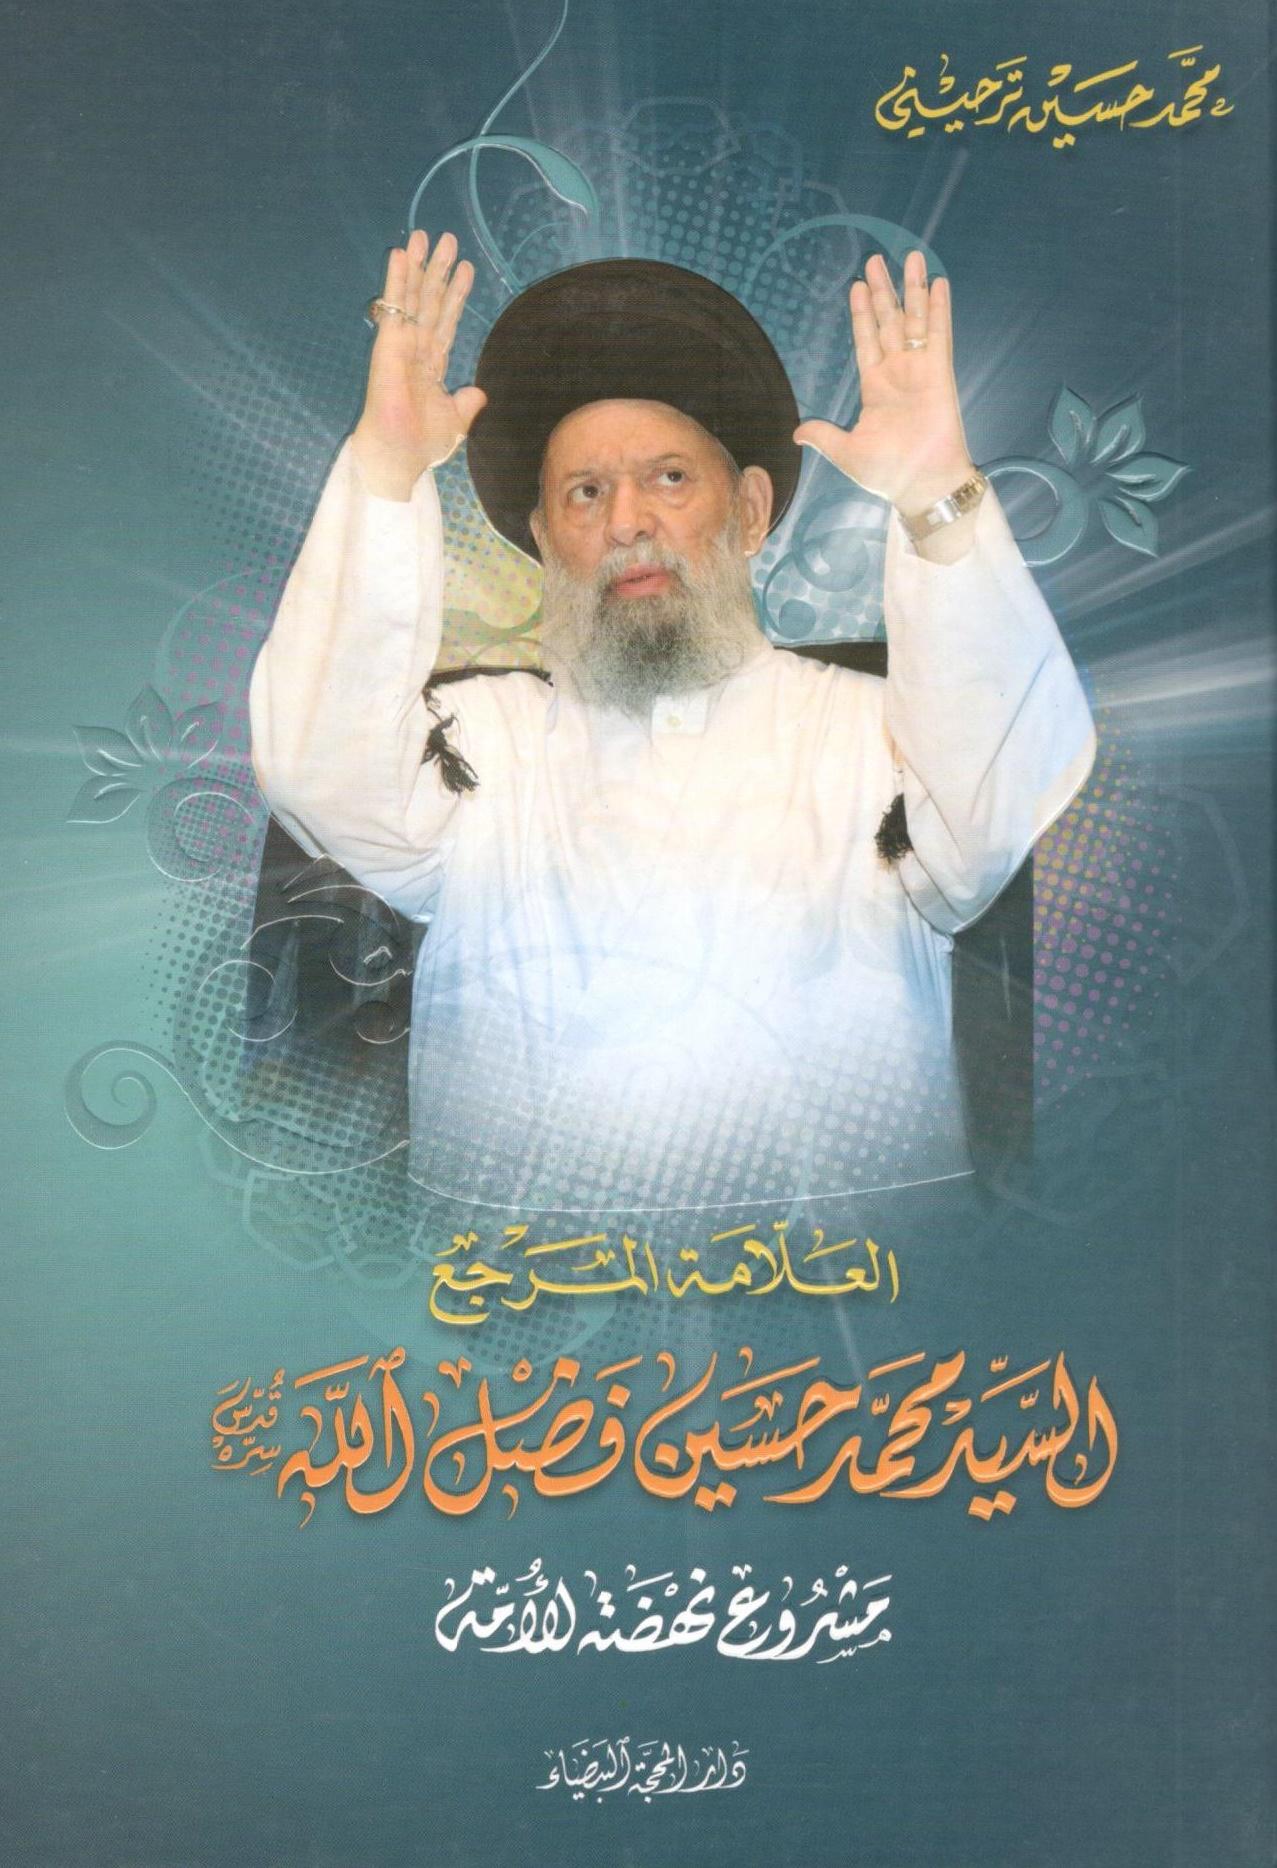 العلامة السيد محمد حسين فضل الله مشروع نهضة الأمة